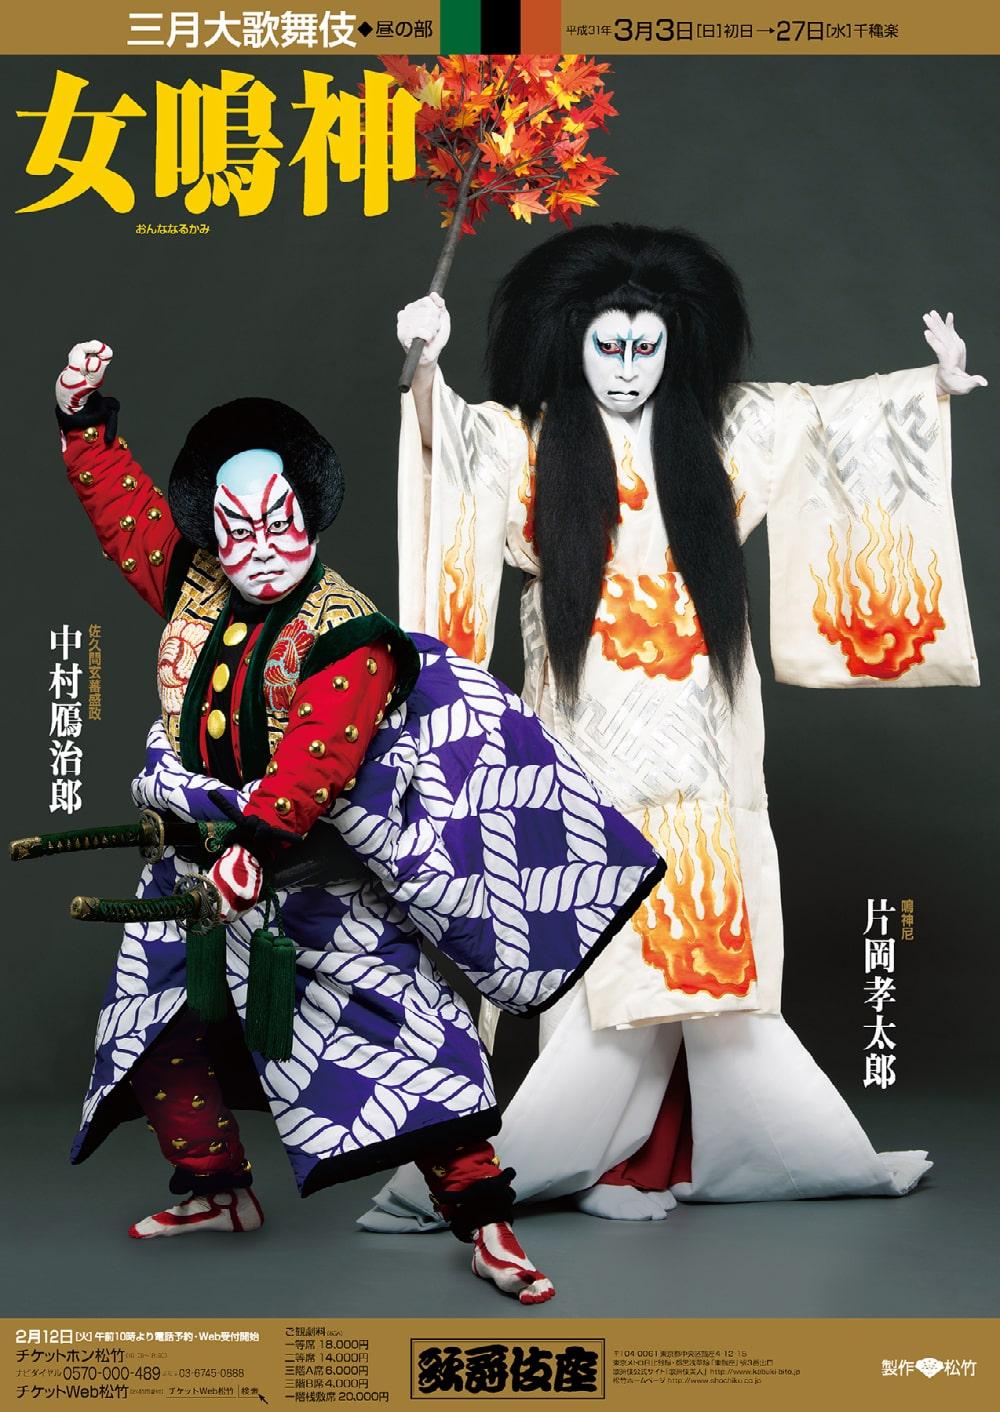 歌舞伎座「三月大歌舞伎」特別ポスター公開